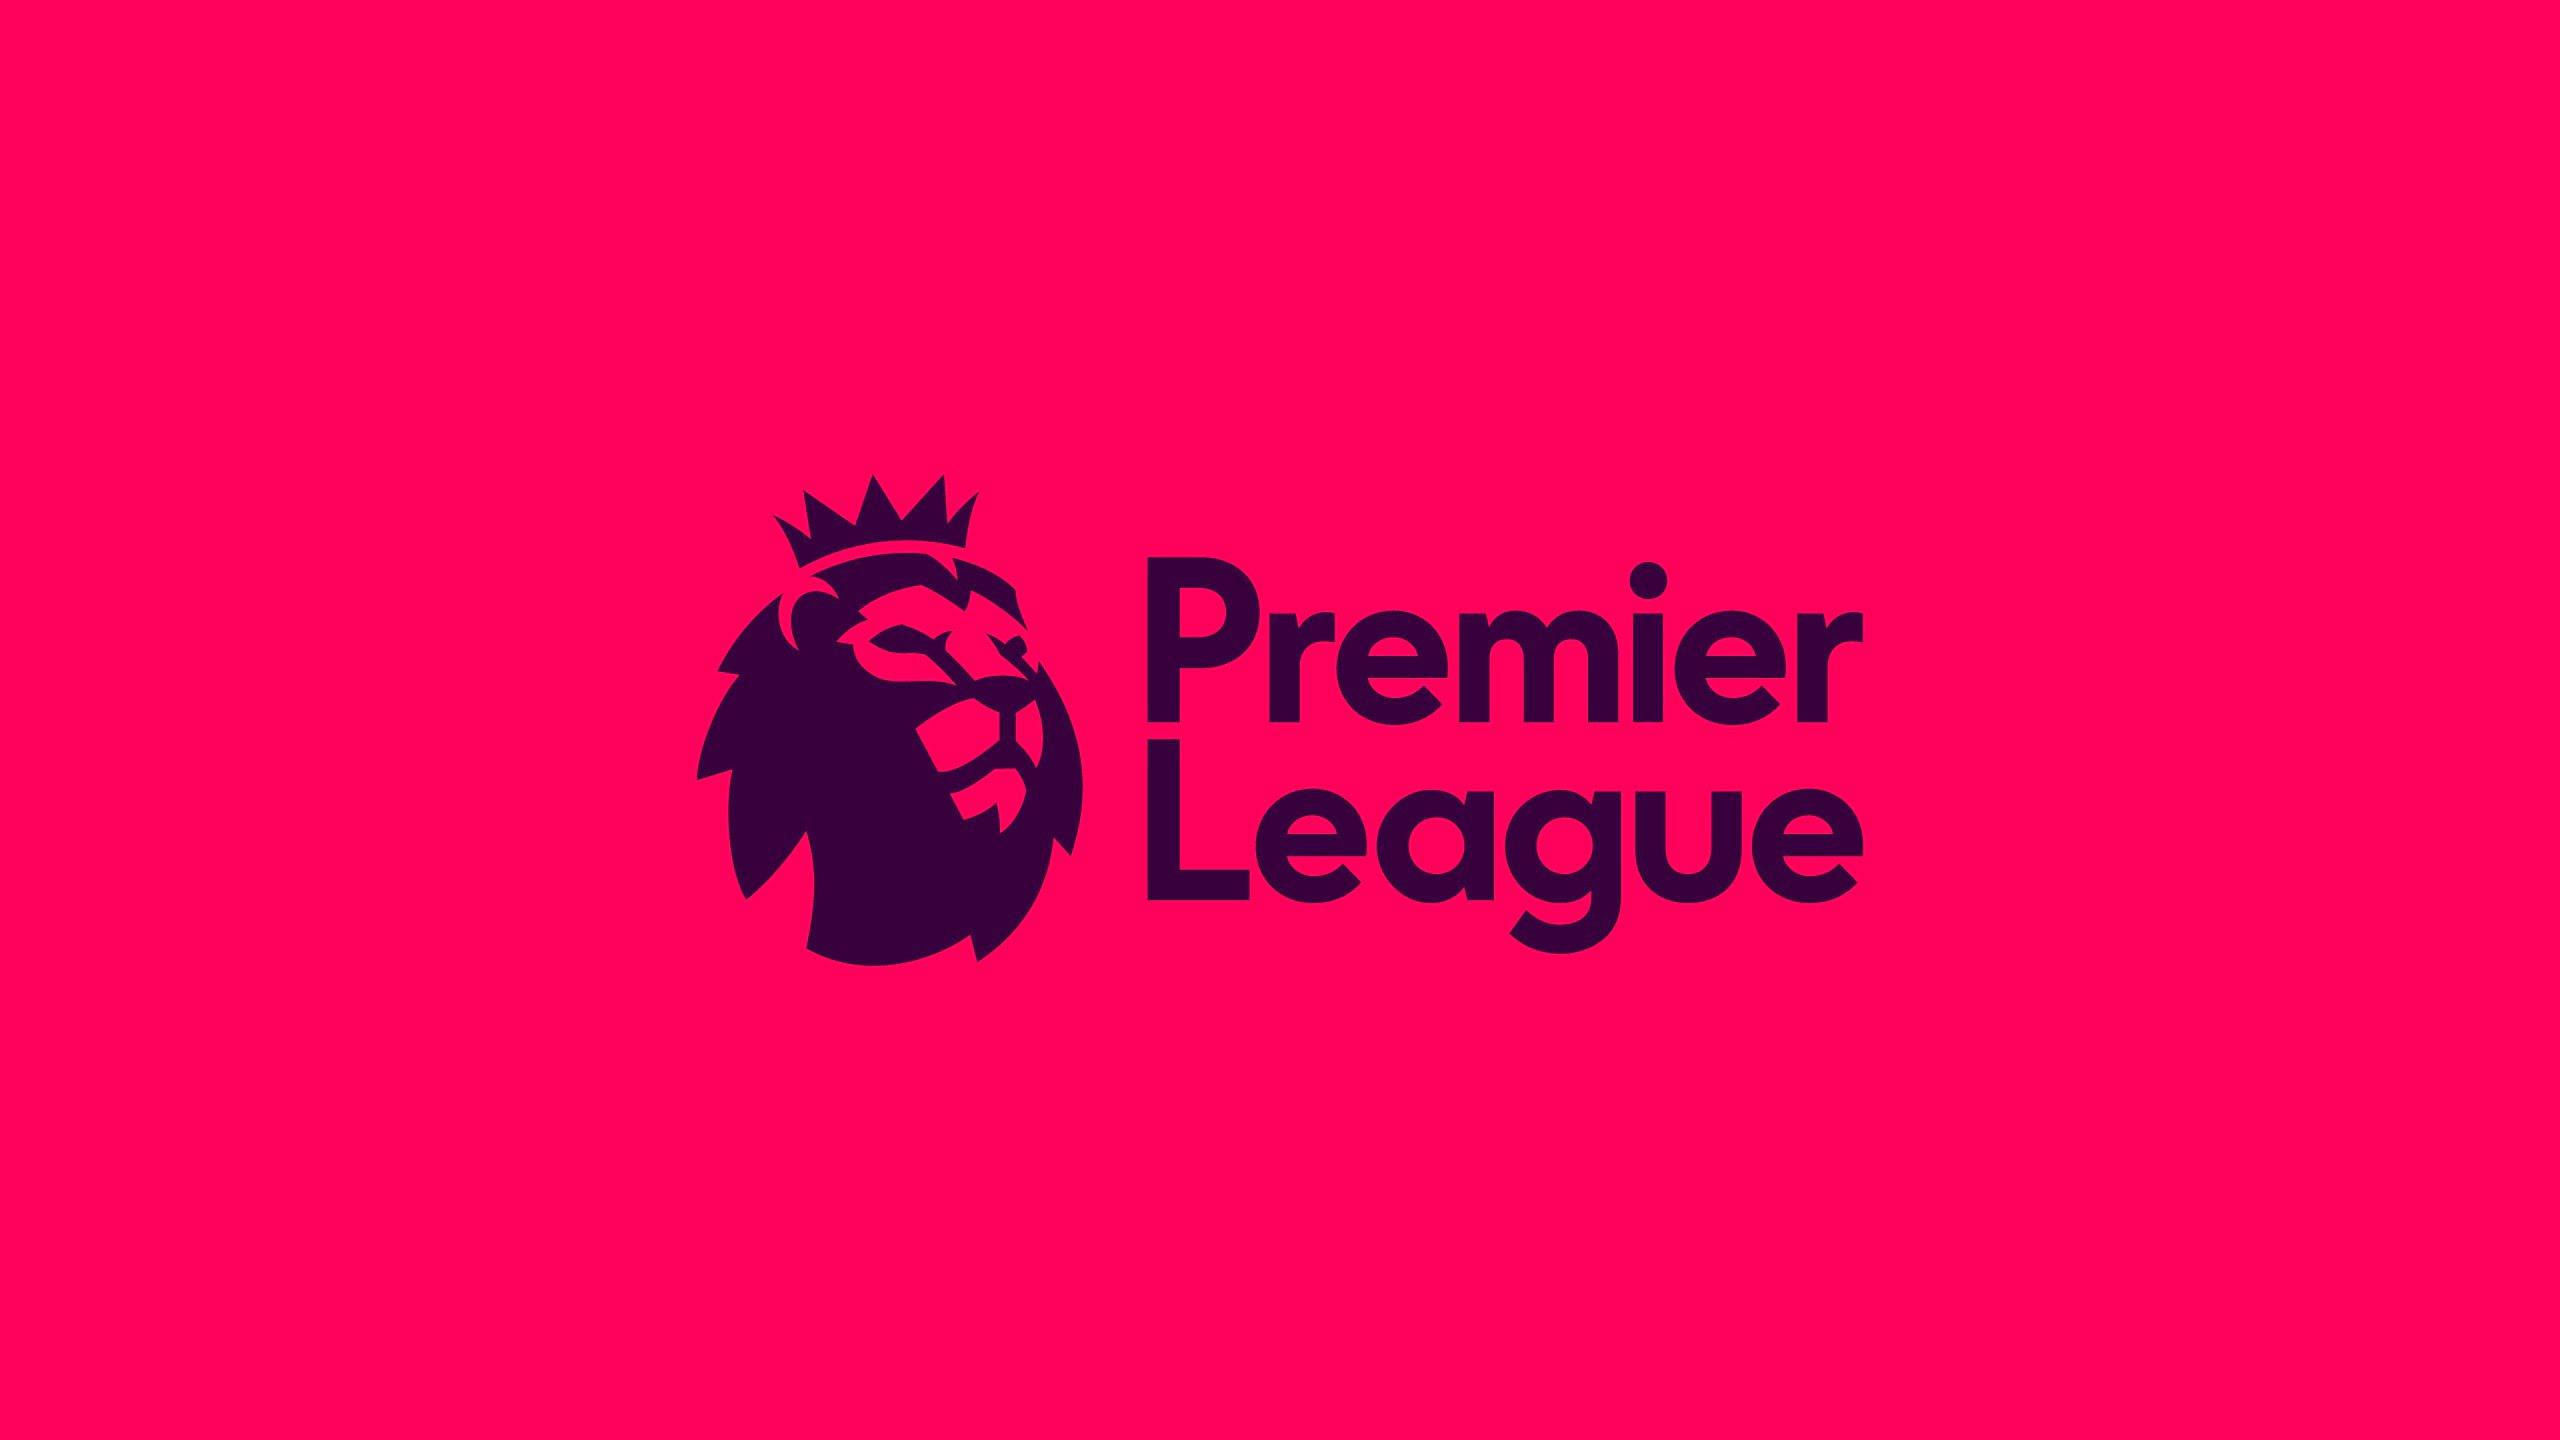 premier league rebrands designstudio 01 - Champions League: Premier League to lose one spot